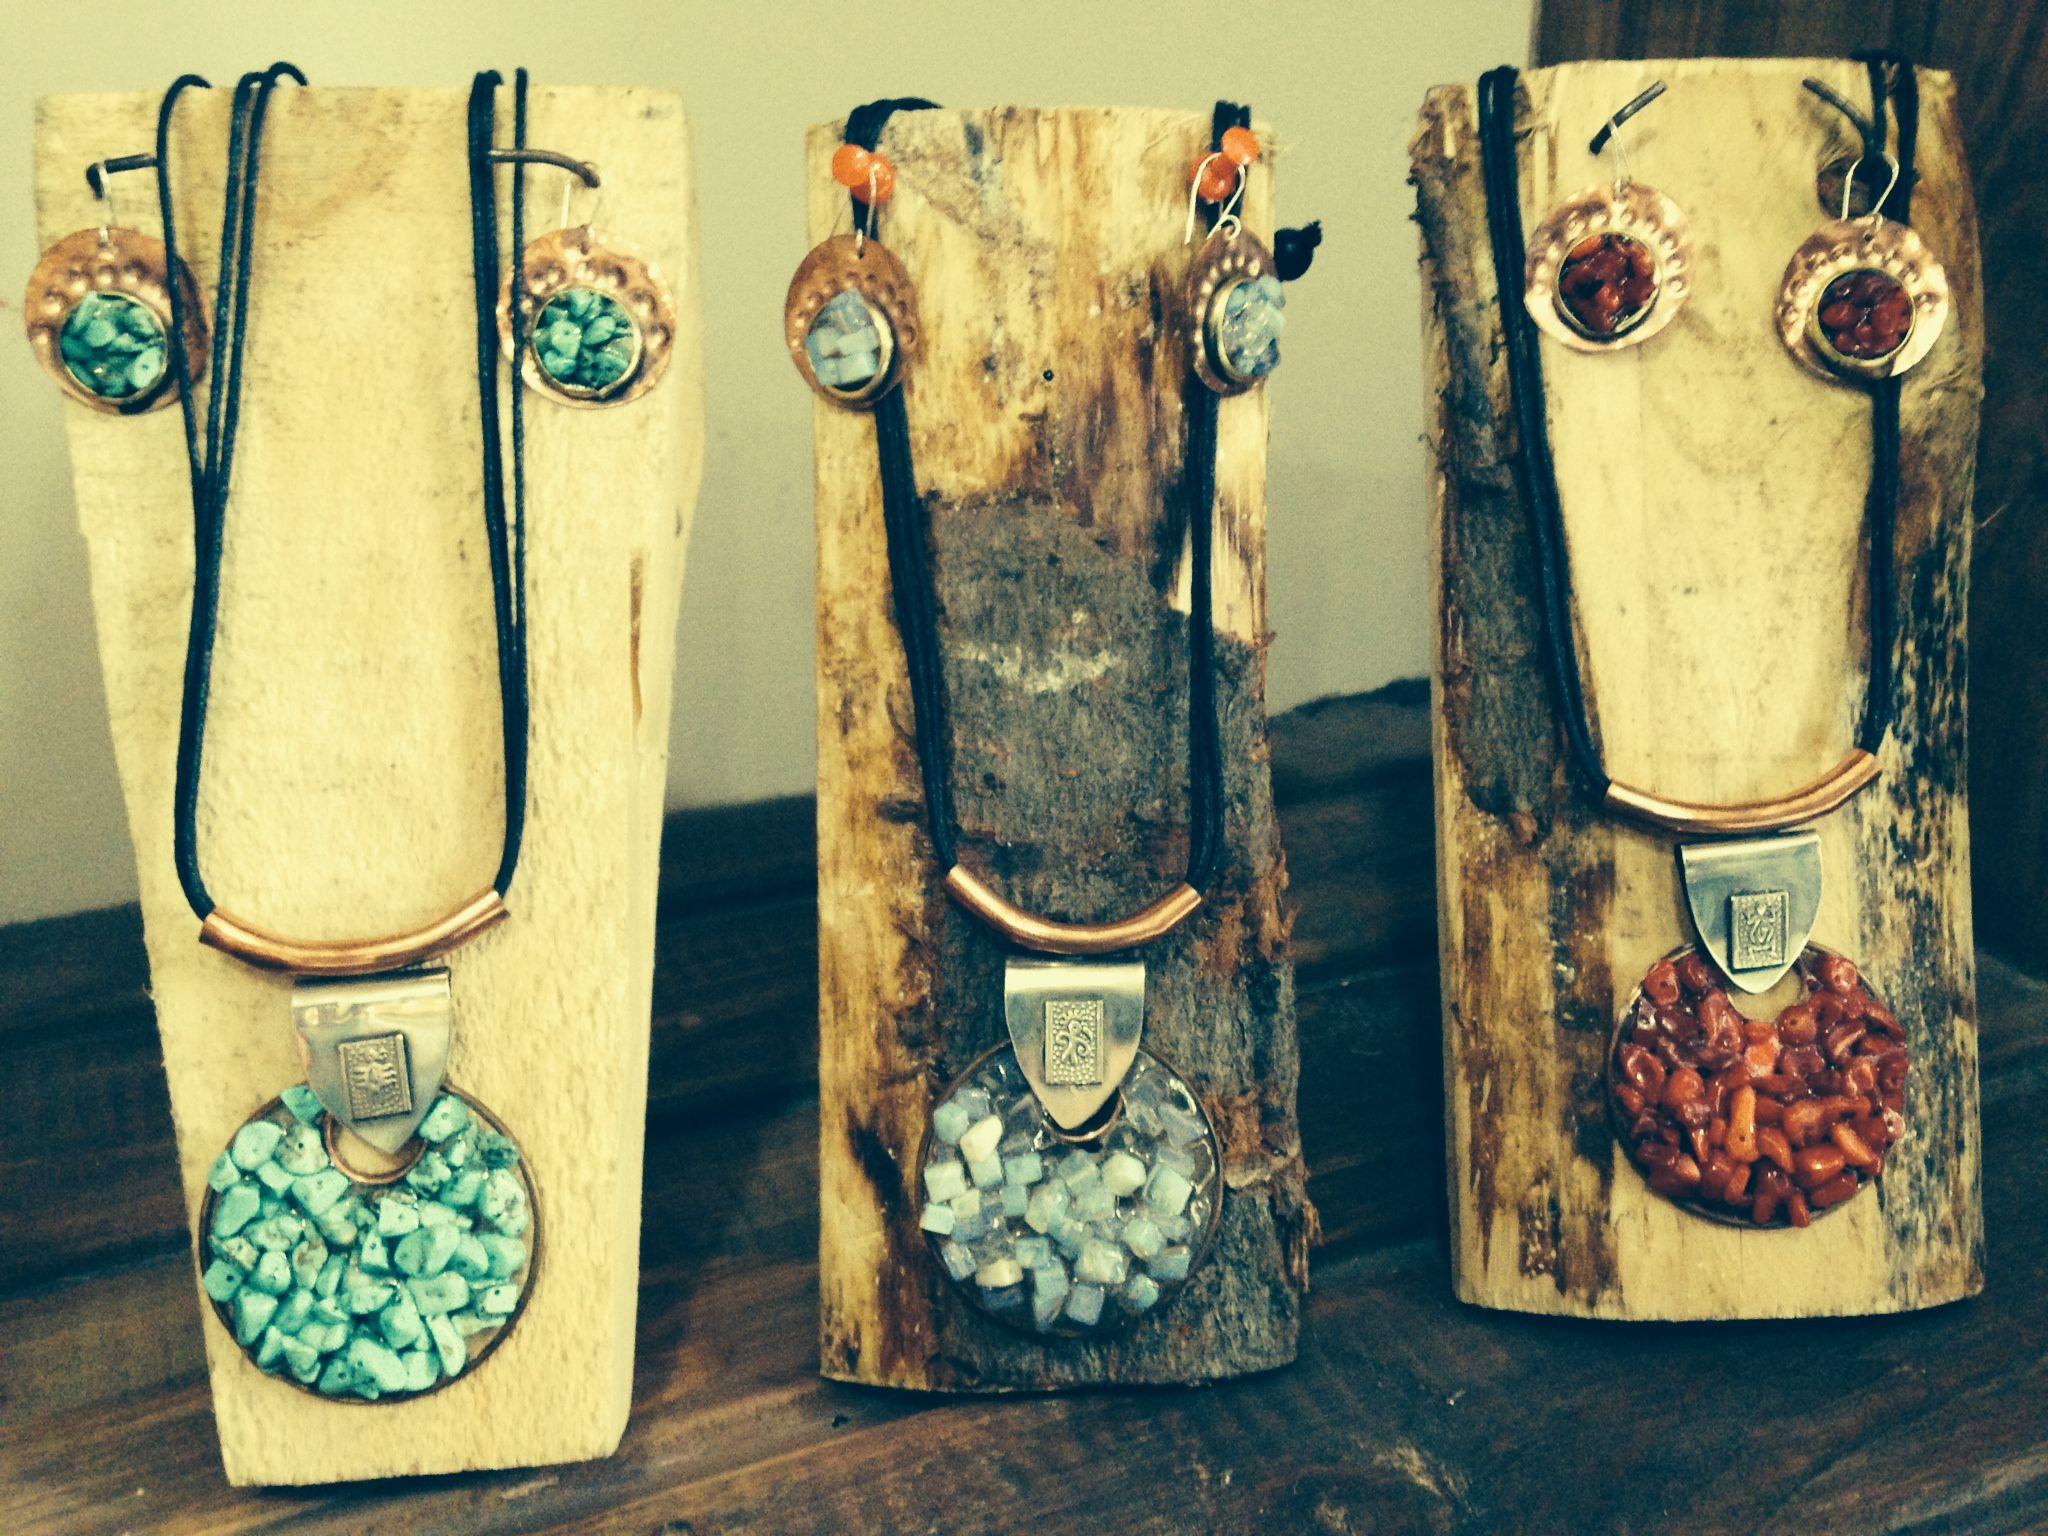 Nuevos accesorios para tu look. Mira estos hermosos conjuntos de collar + aros (tienen minerales como Agua Luna, Coral y Turquesa)